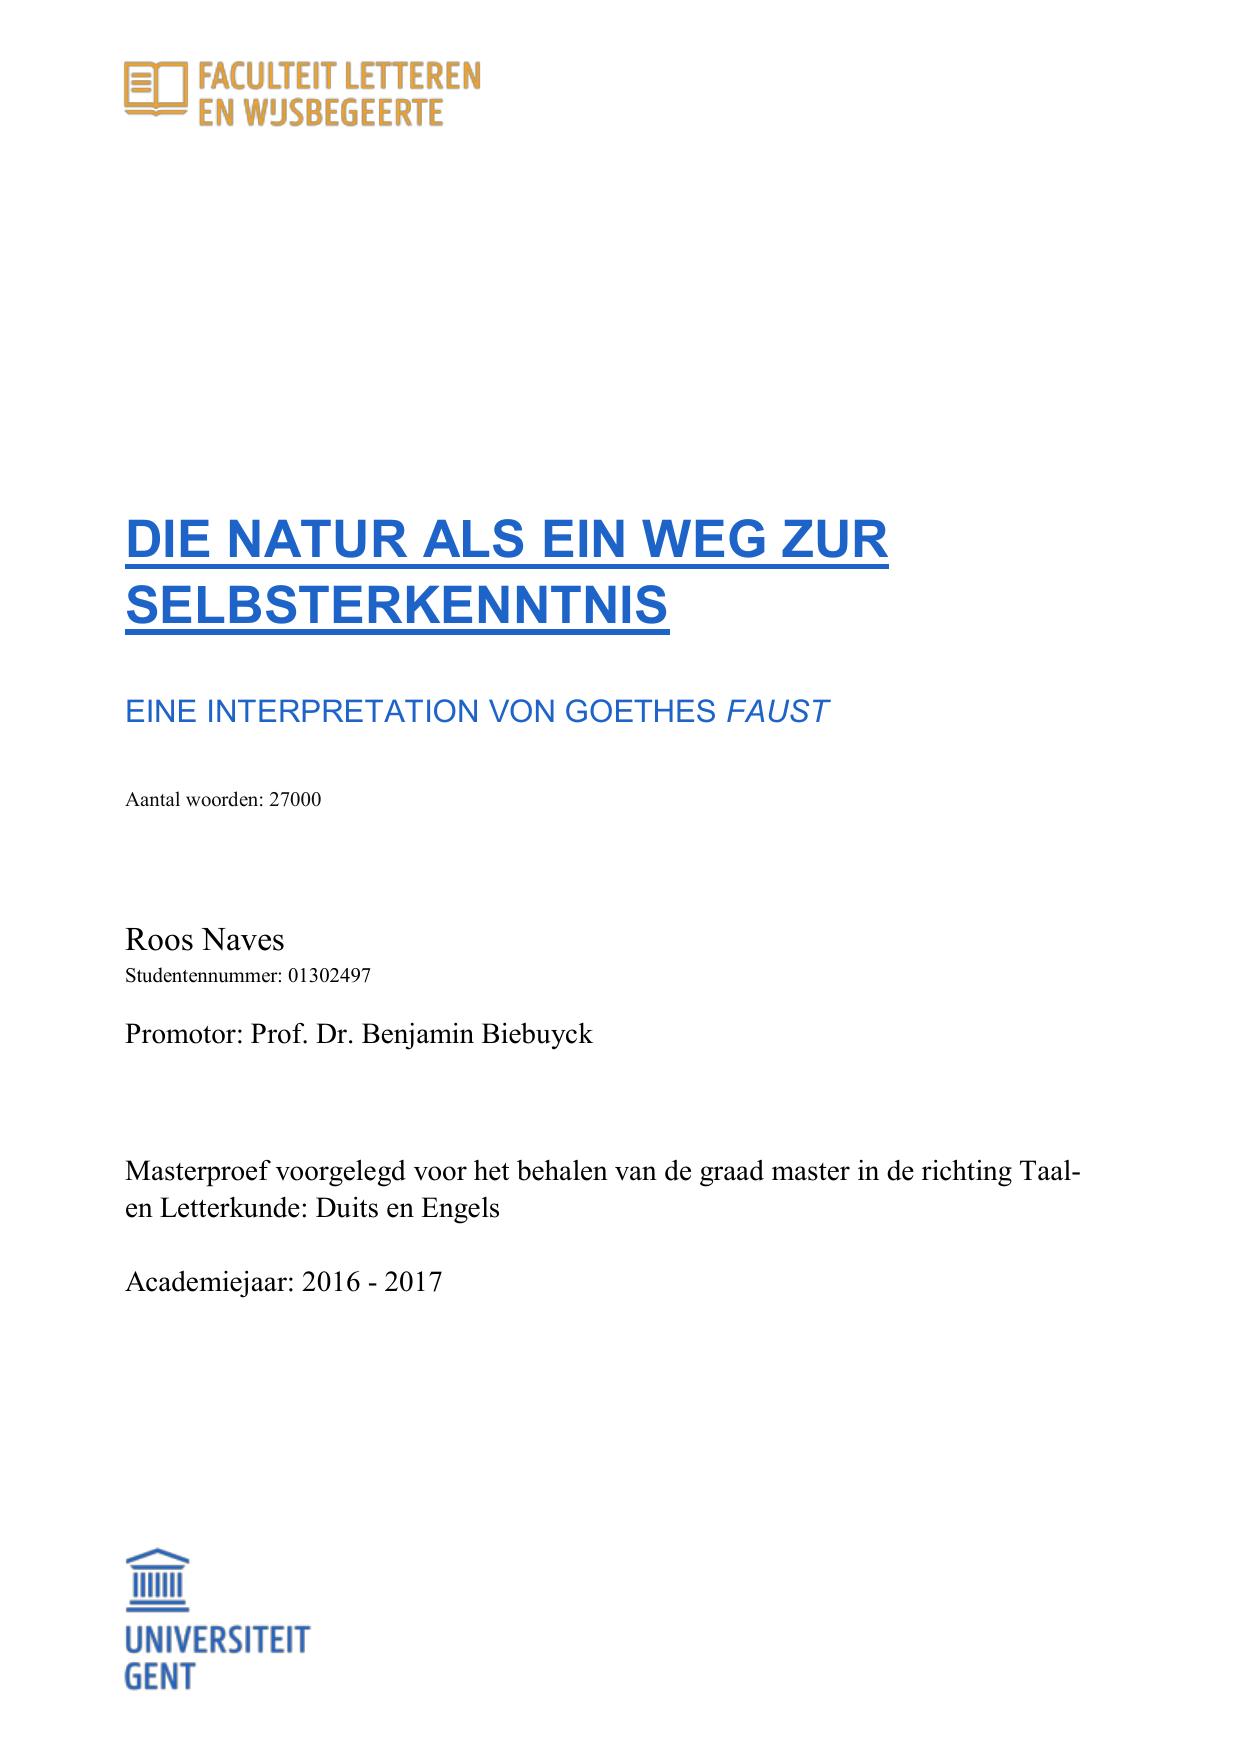 Gemütlich Landschaftsbeschreibung Lebenslauf Ideen - Beispiel ...